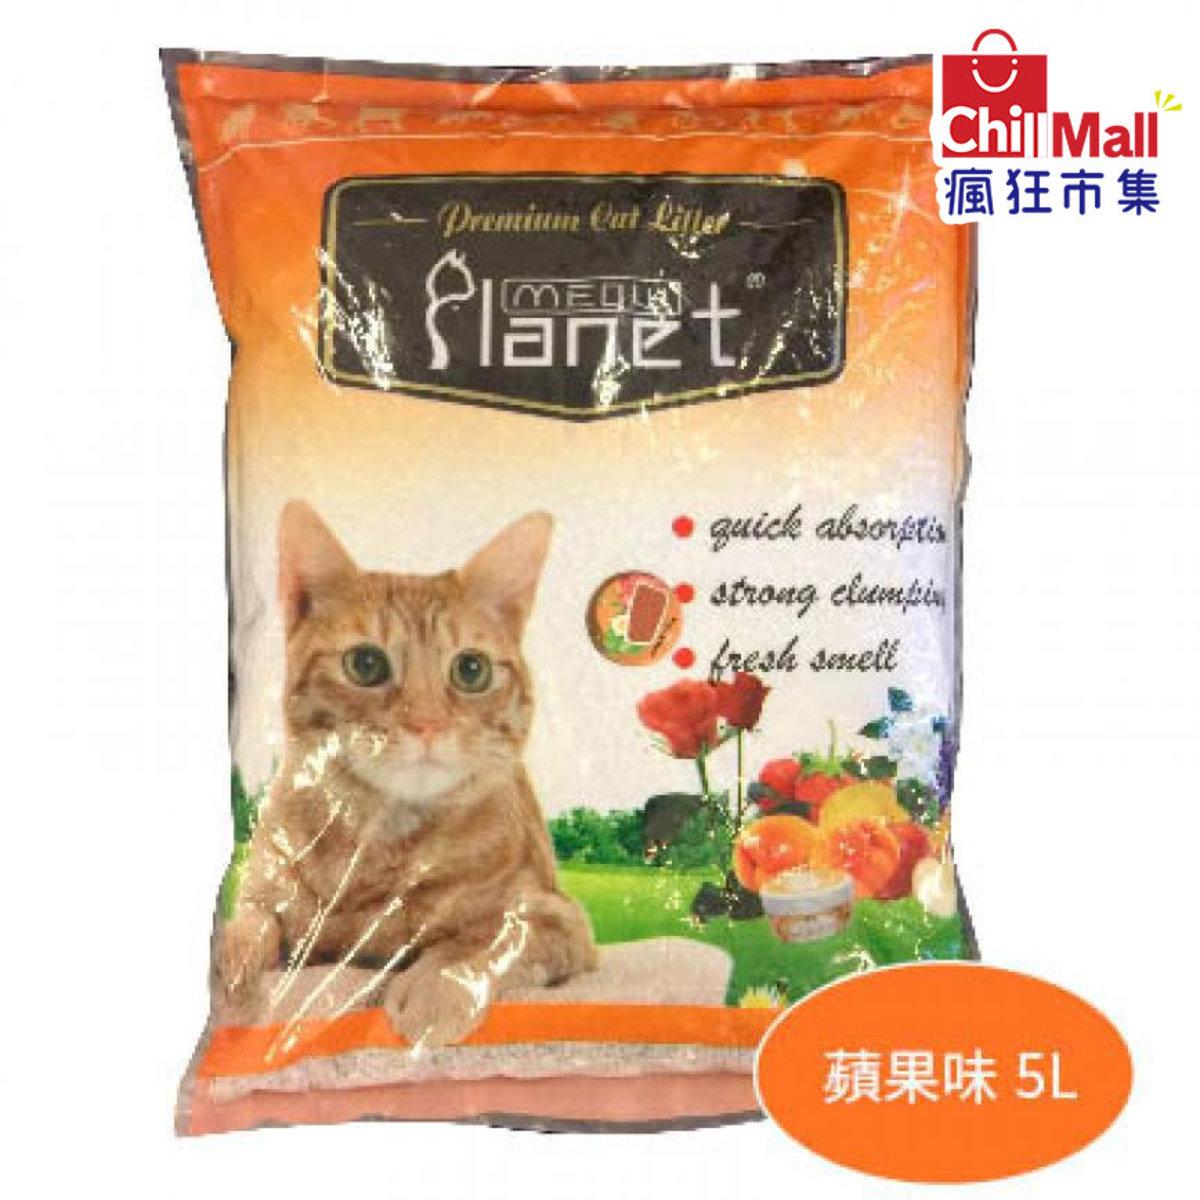 【礦物貓砂】貓咪星球膨潤土 高級凝結礦物貓砂 蘋果味 5L